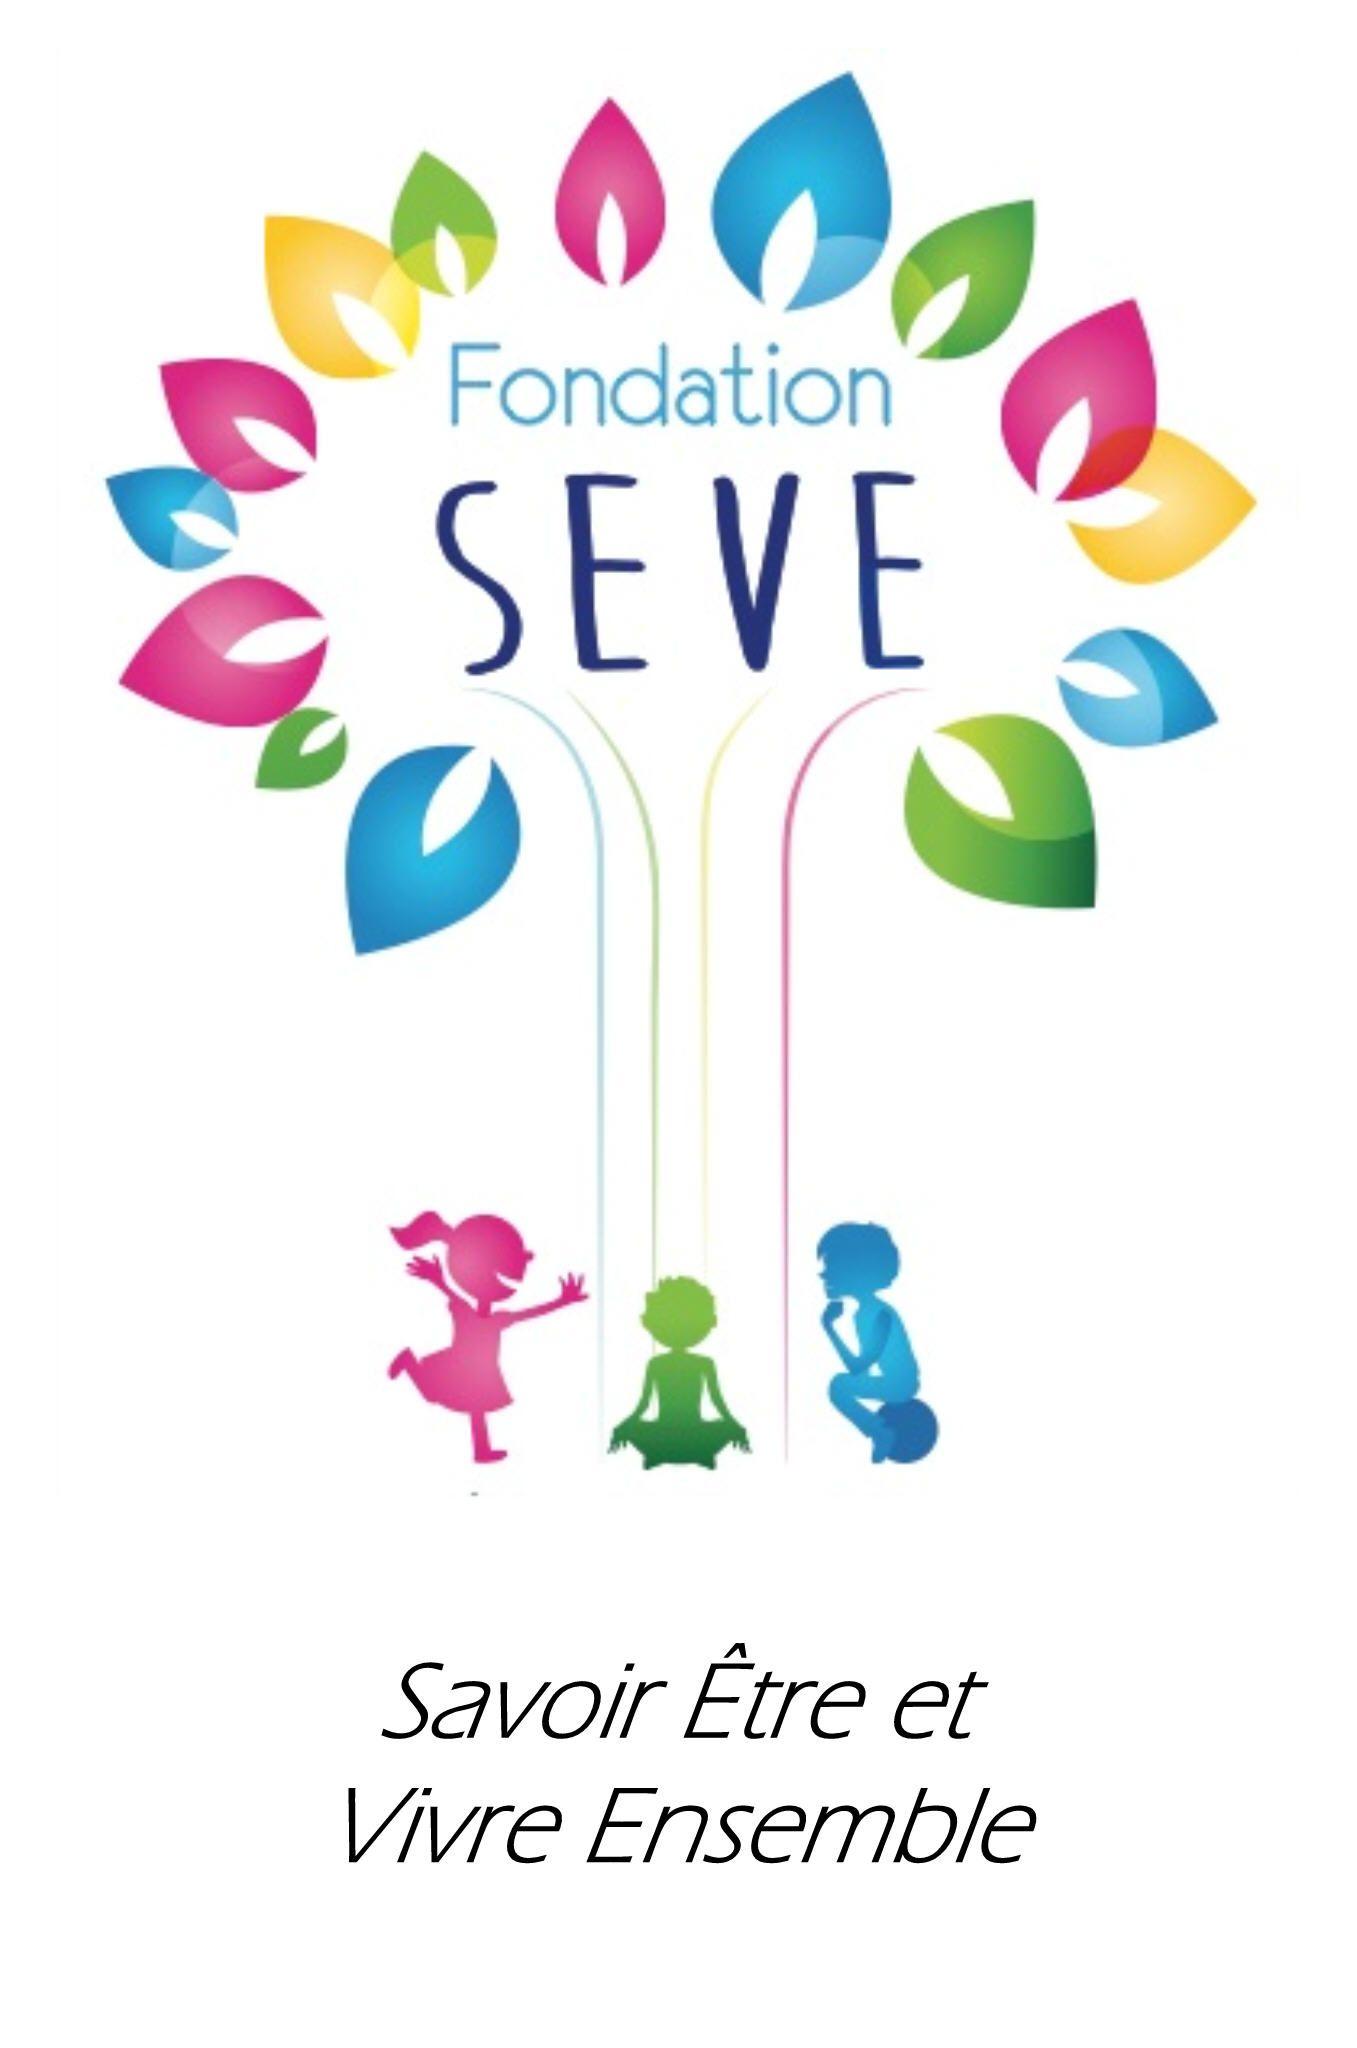 La Fondation SEVE, Savoir Etre et Vivre Ensemble